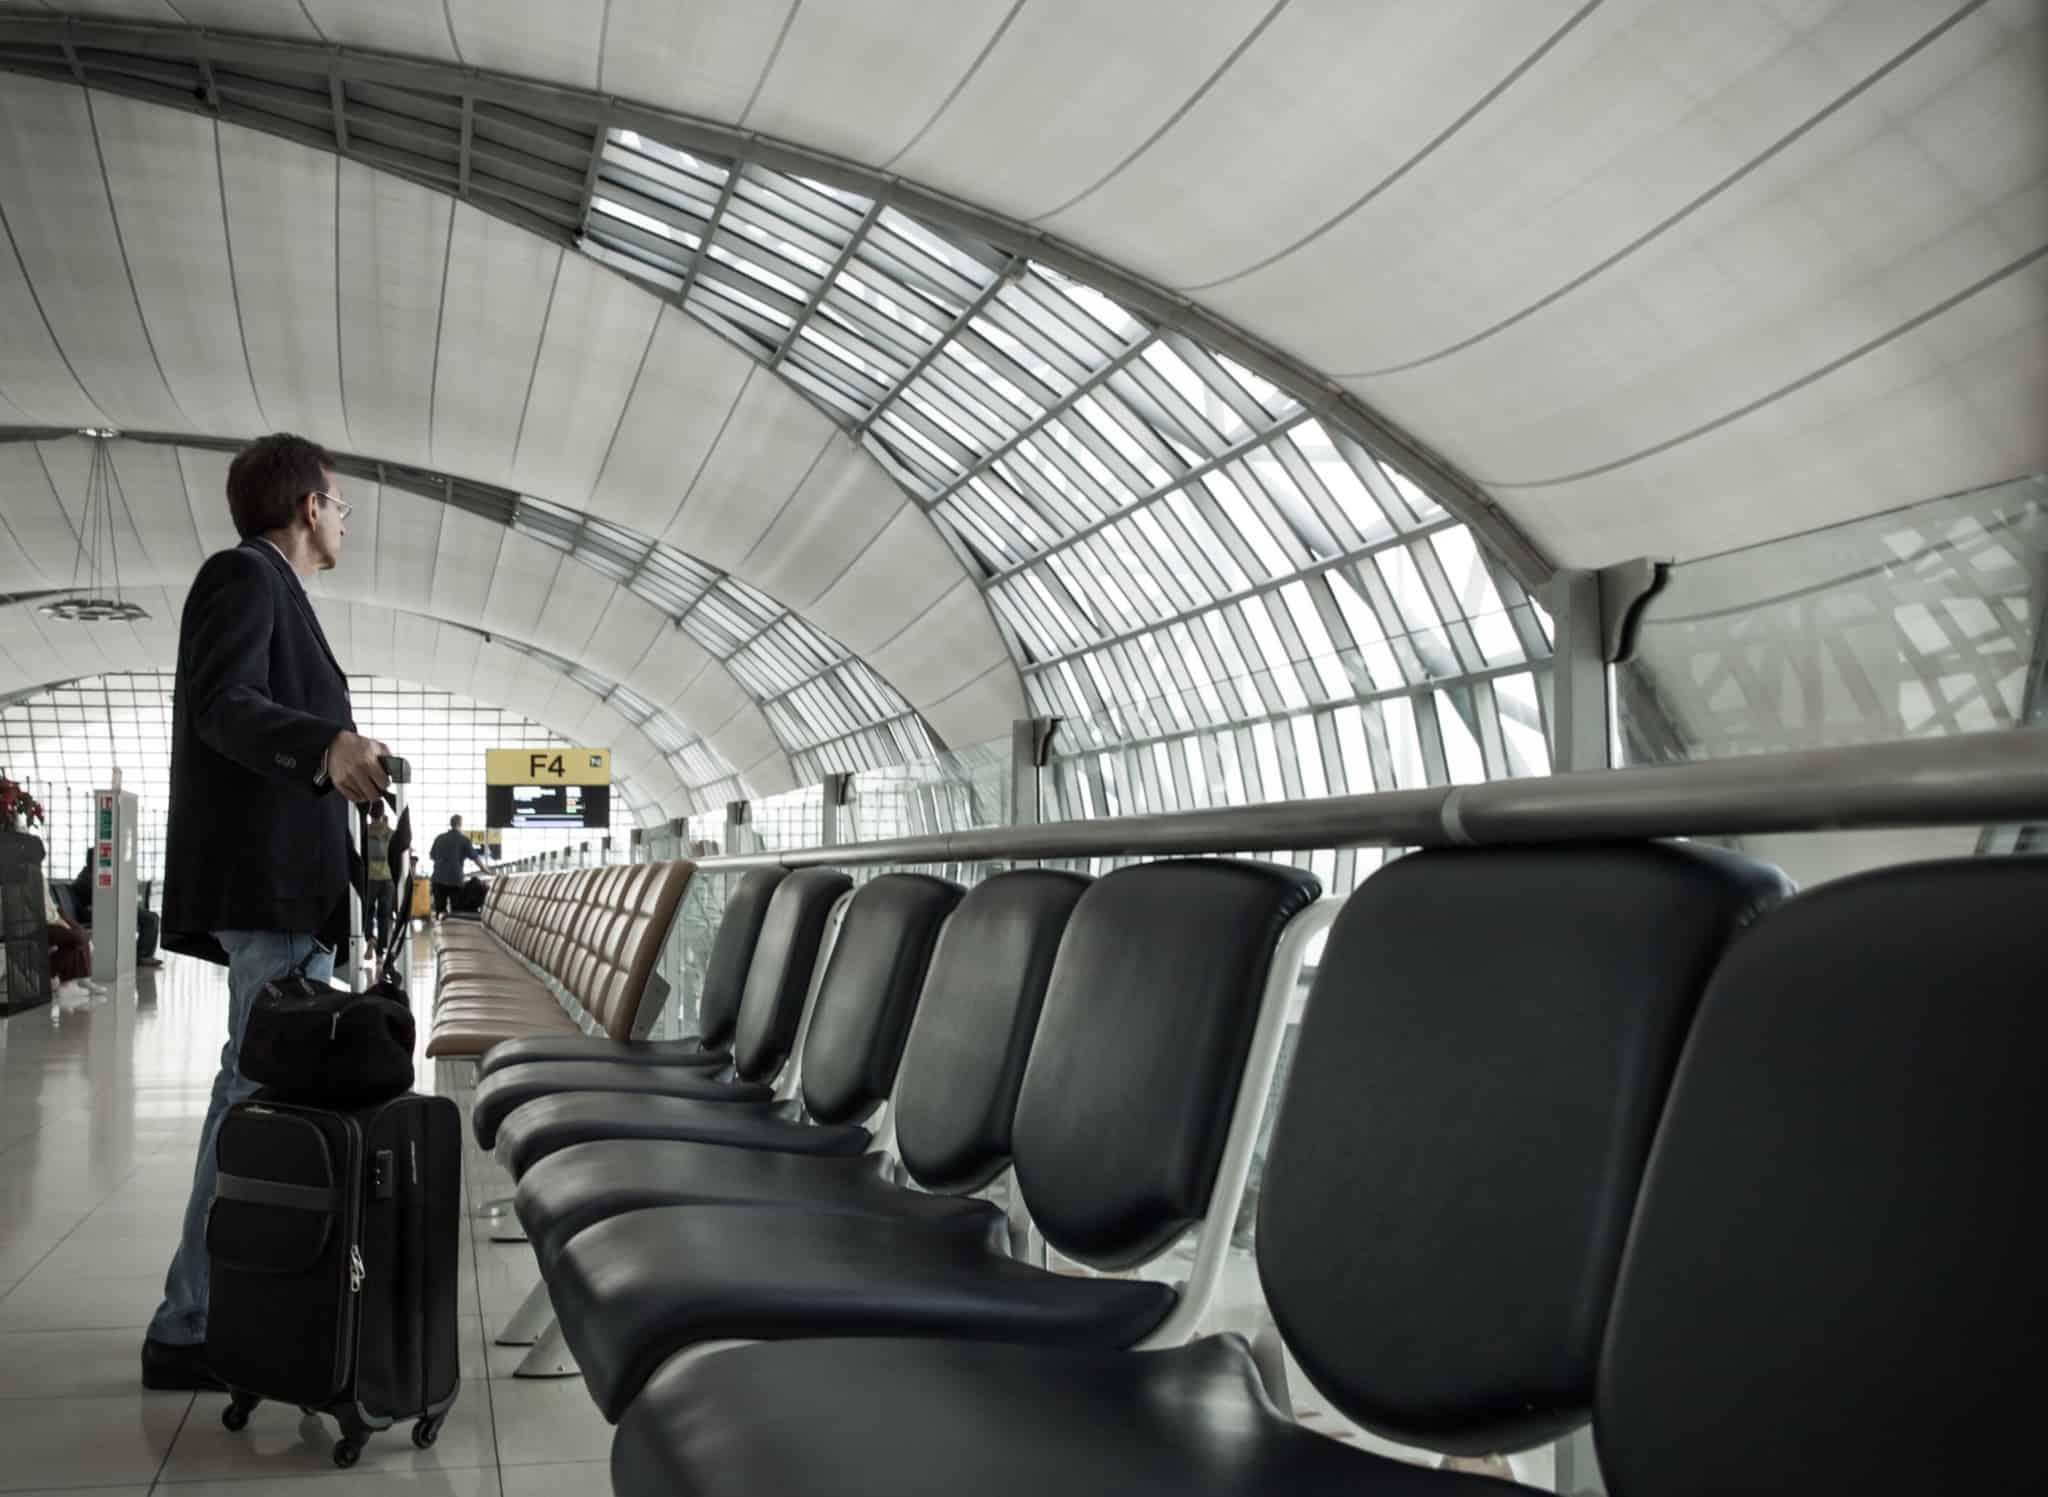 sala de espera de um aeroporto com homem a aguardar